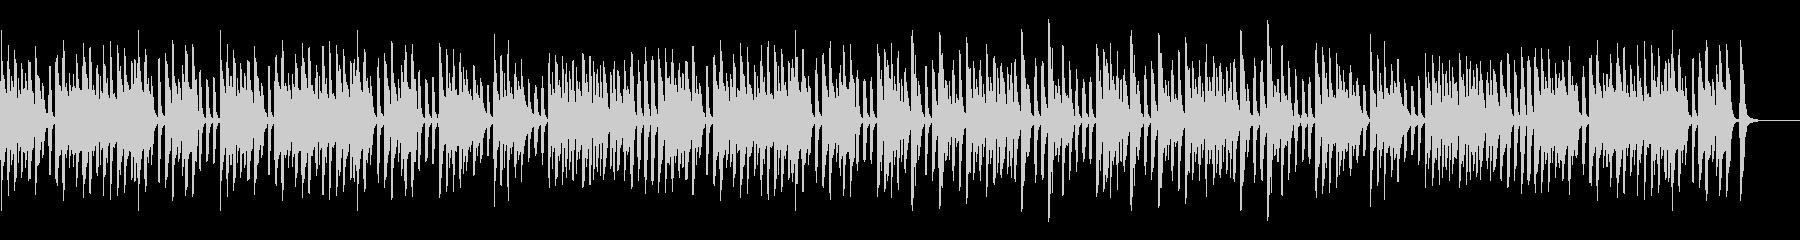 レトロでコミカルなお洒落なピアノの未再生の波形